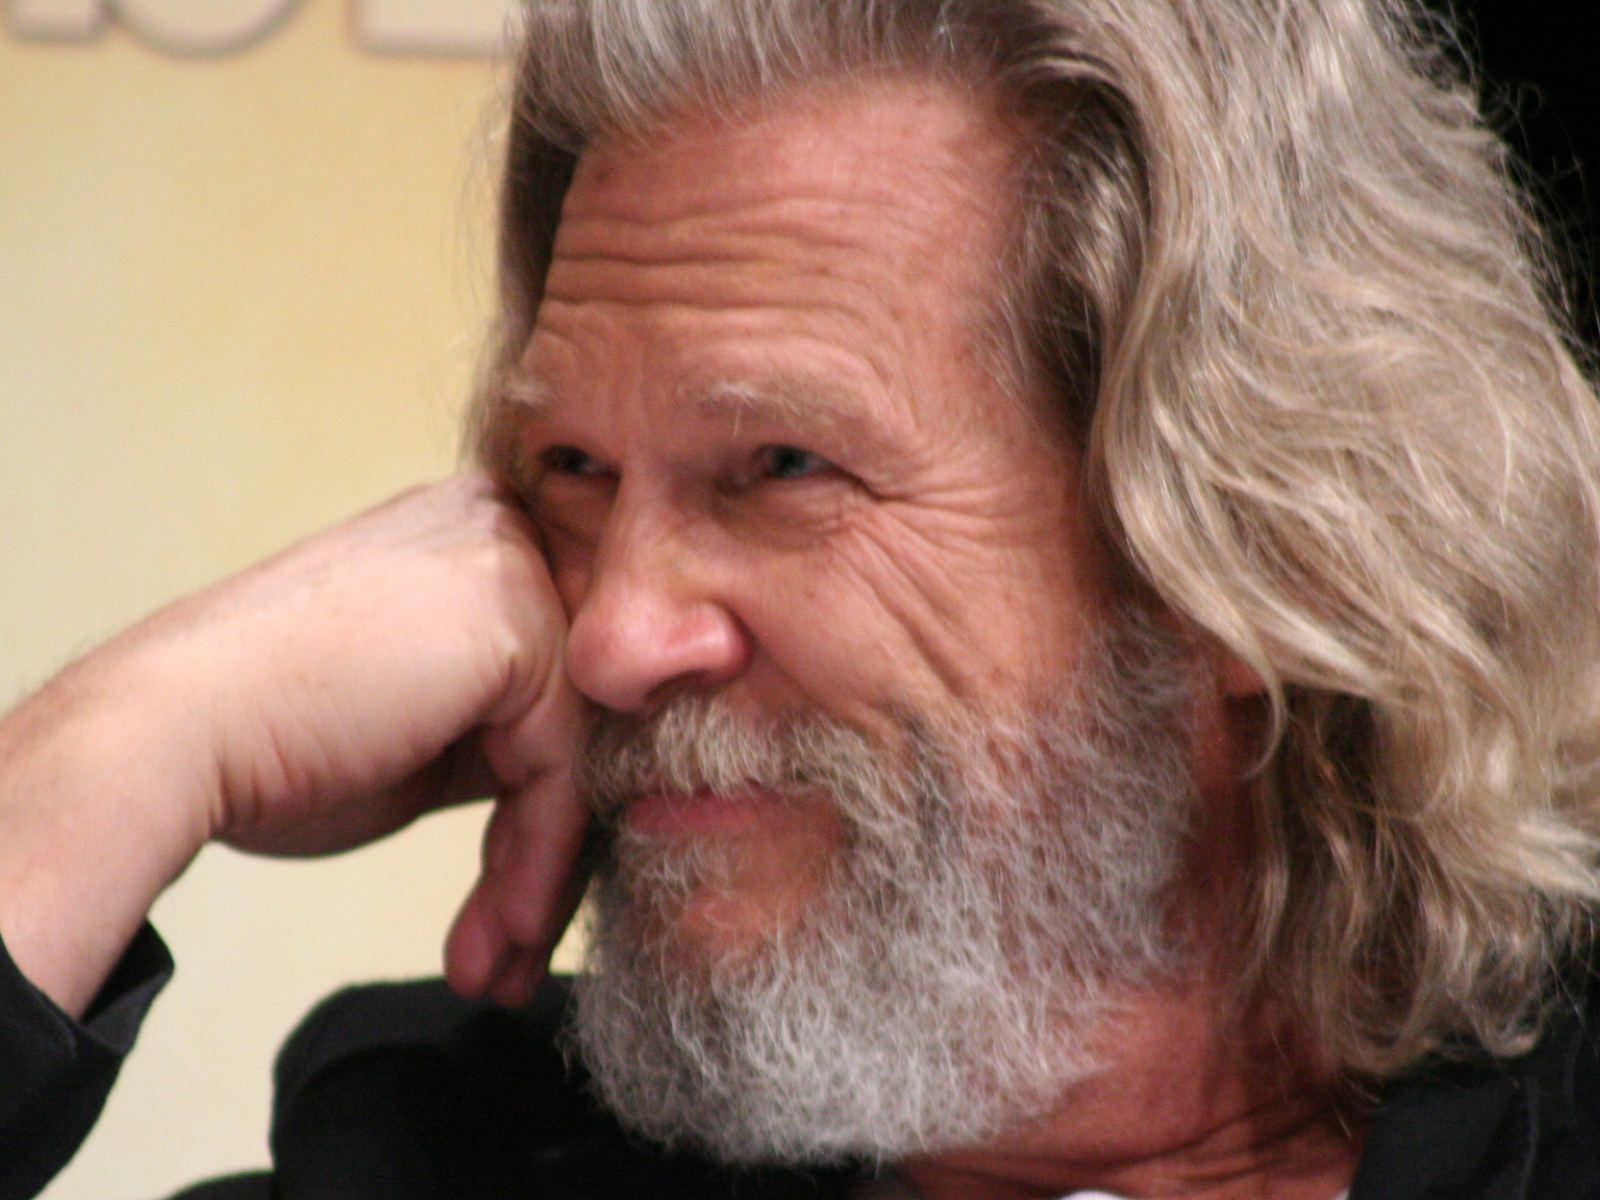 Main image for event titled Lebowski Fest - Jeff Bridges Live In Concert